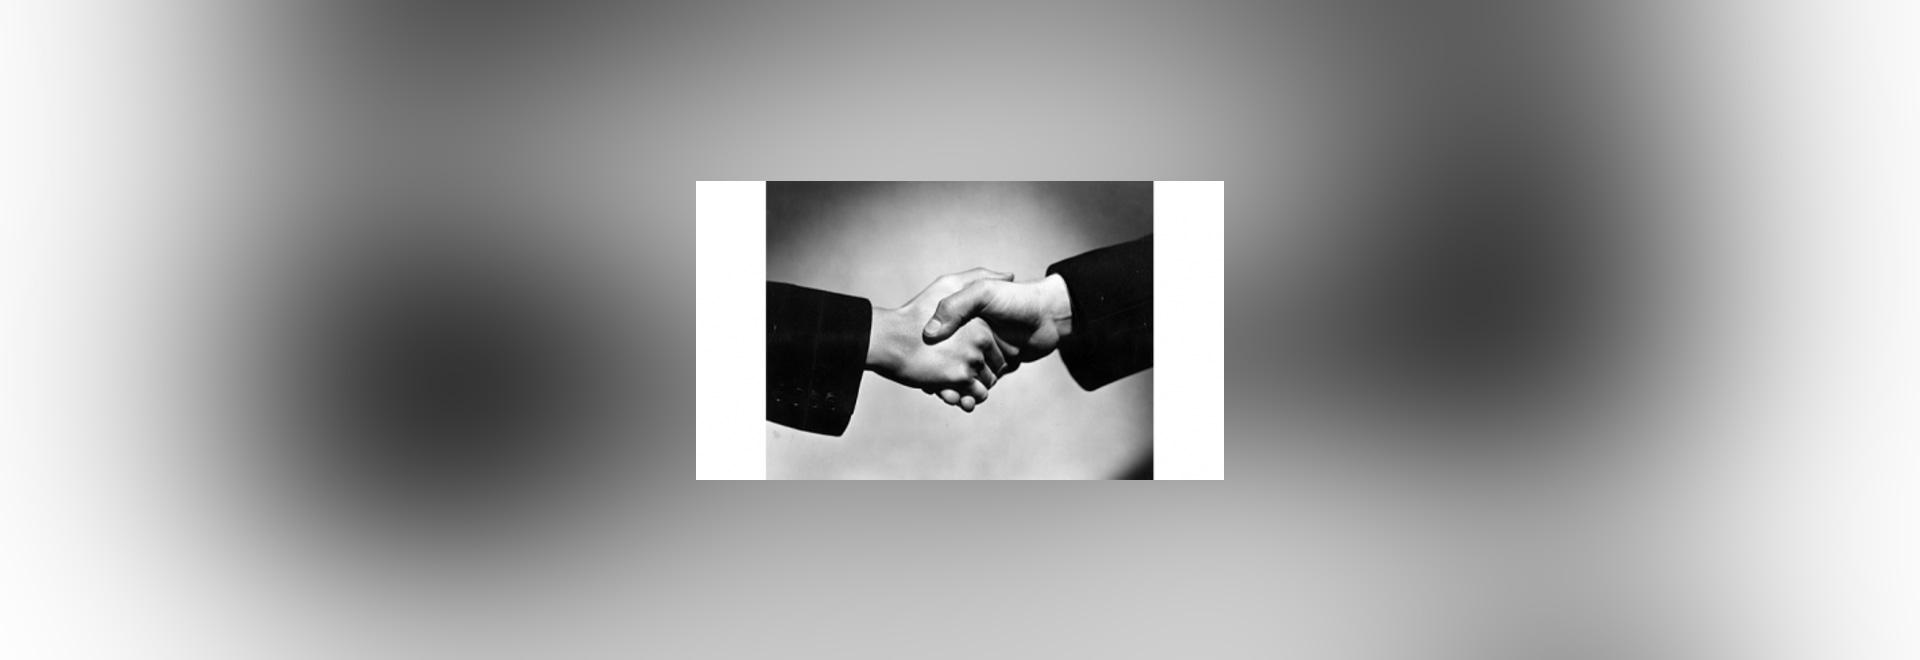 TTI Acquires HuaTong Electronic Co., Ltd.